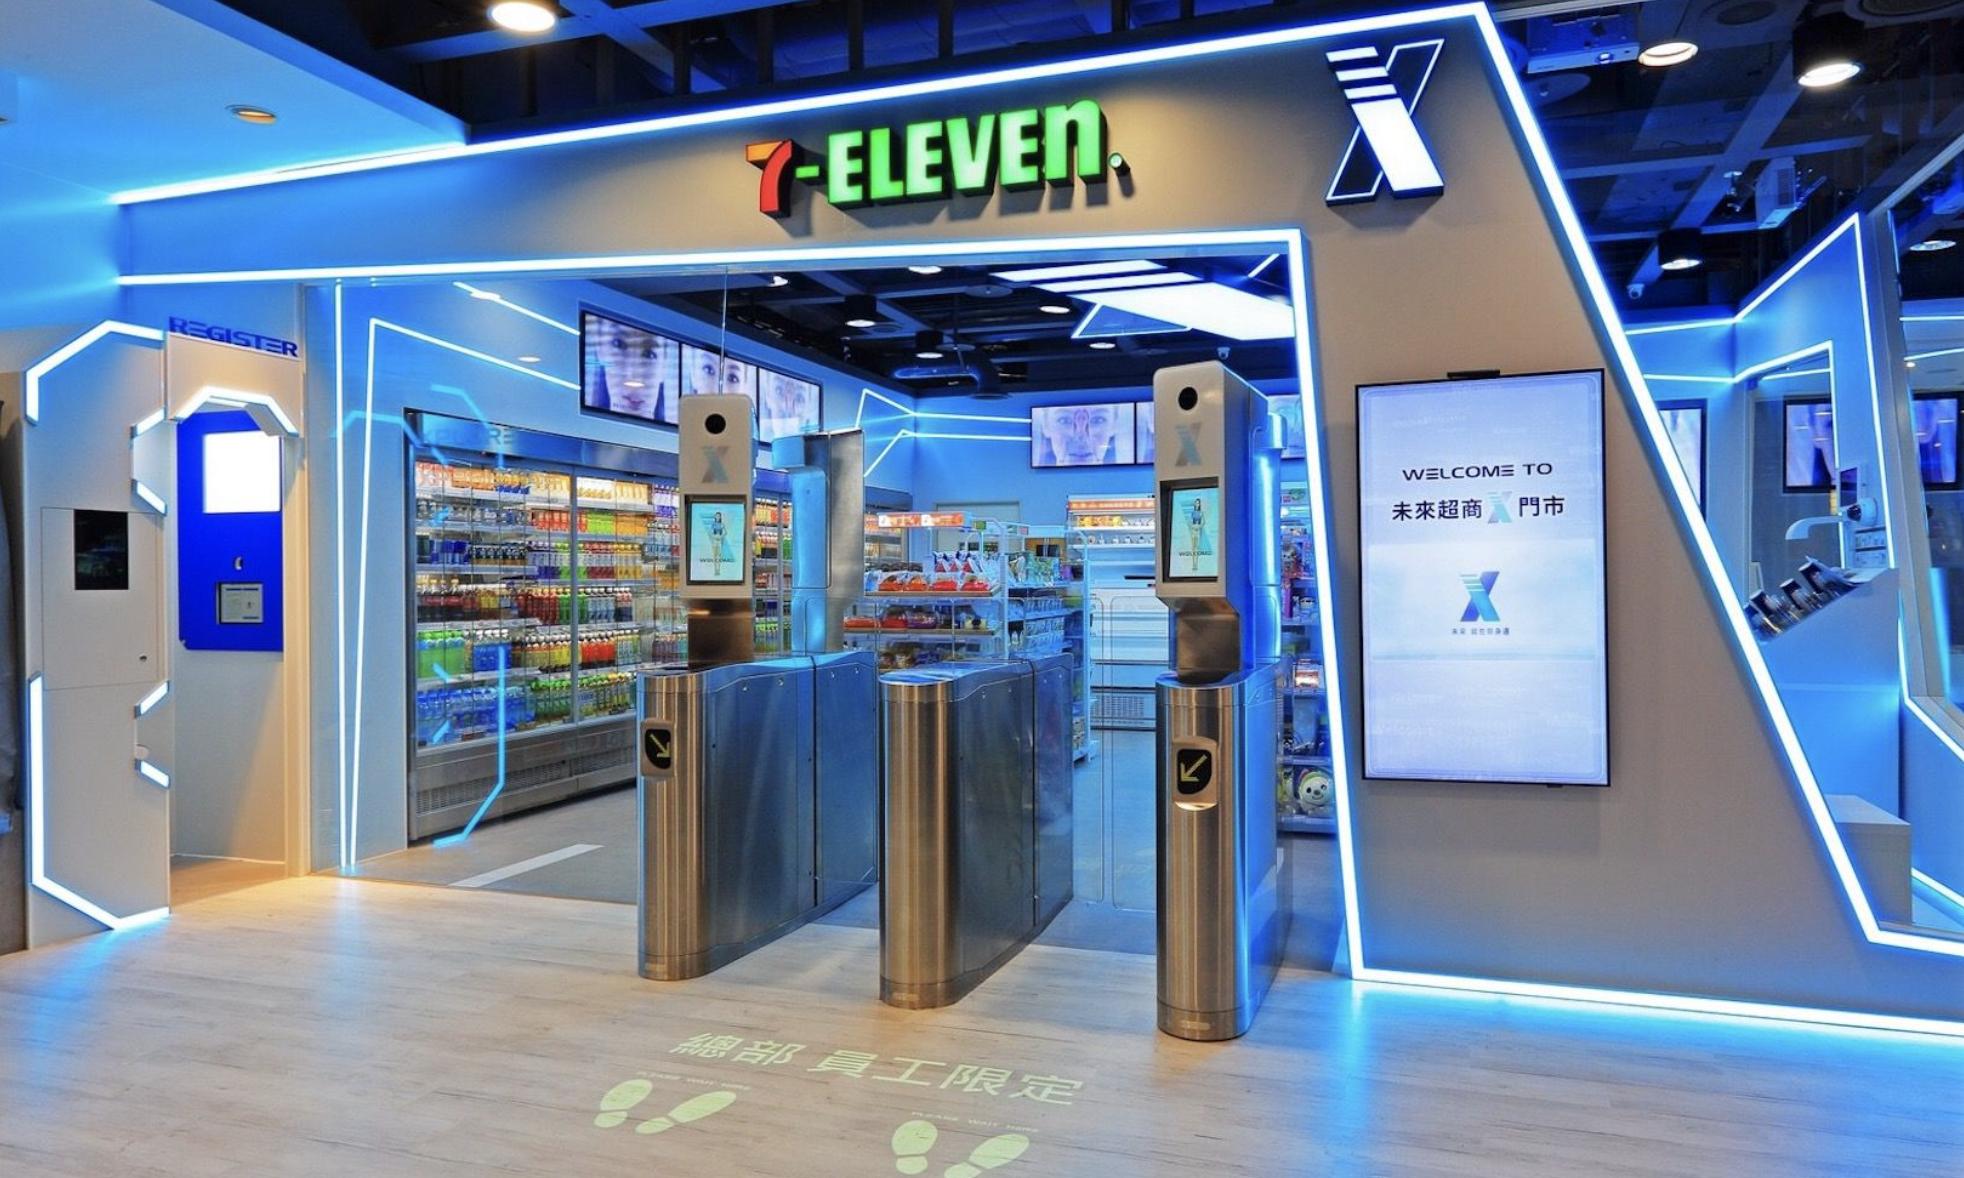 亚马逊之后,7-Eleven 也要开设无人便利店了